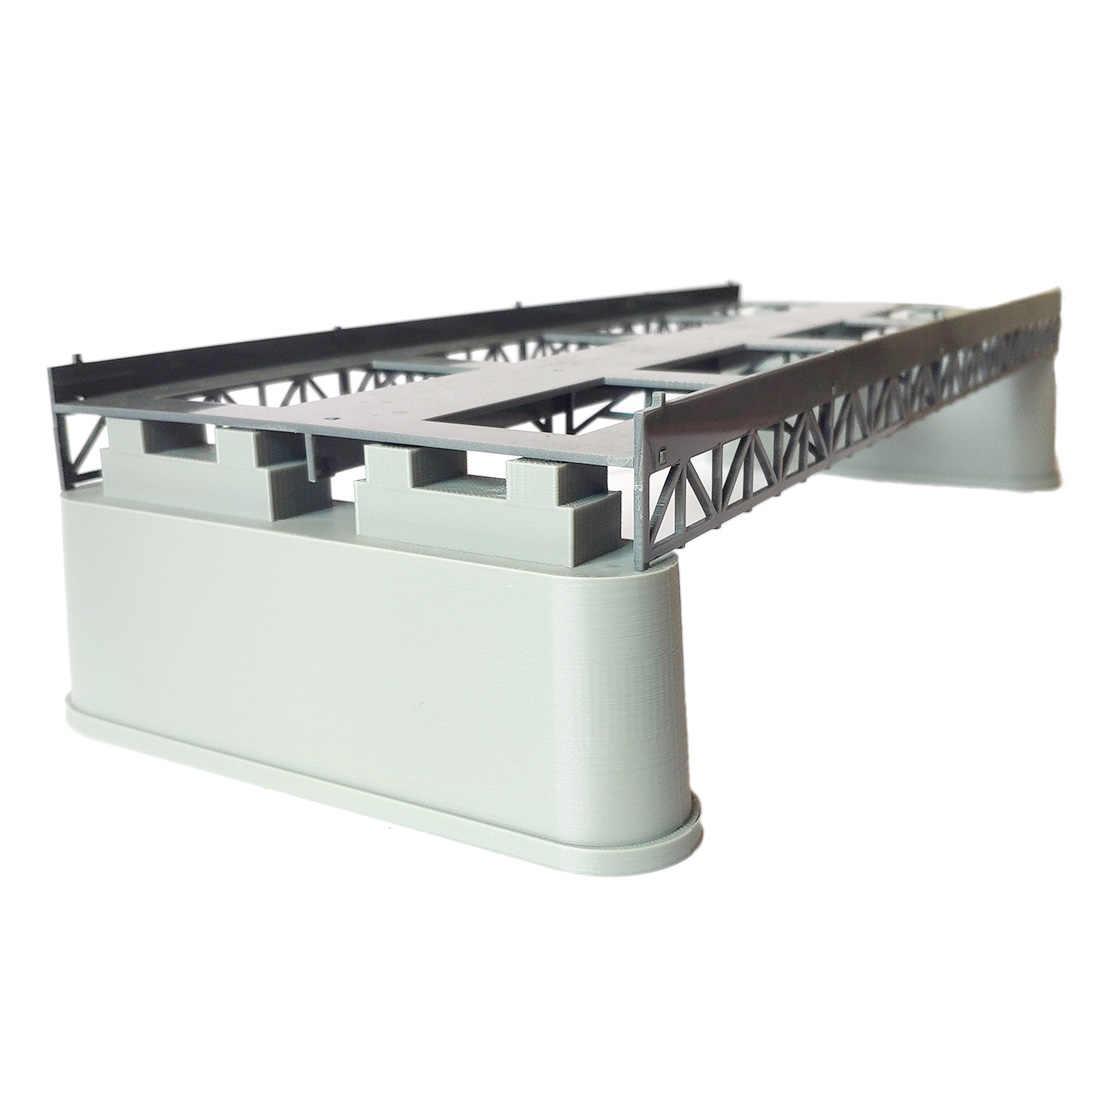 NFSTRIKE 1Pc 1: 87 HO skala pociąg kolejowy klimatyczna dekoracja T34A podwójna ścieżka molo Model dla piasku akcesoria stołowe DIY